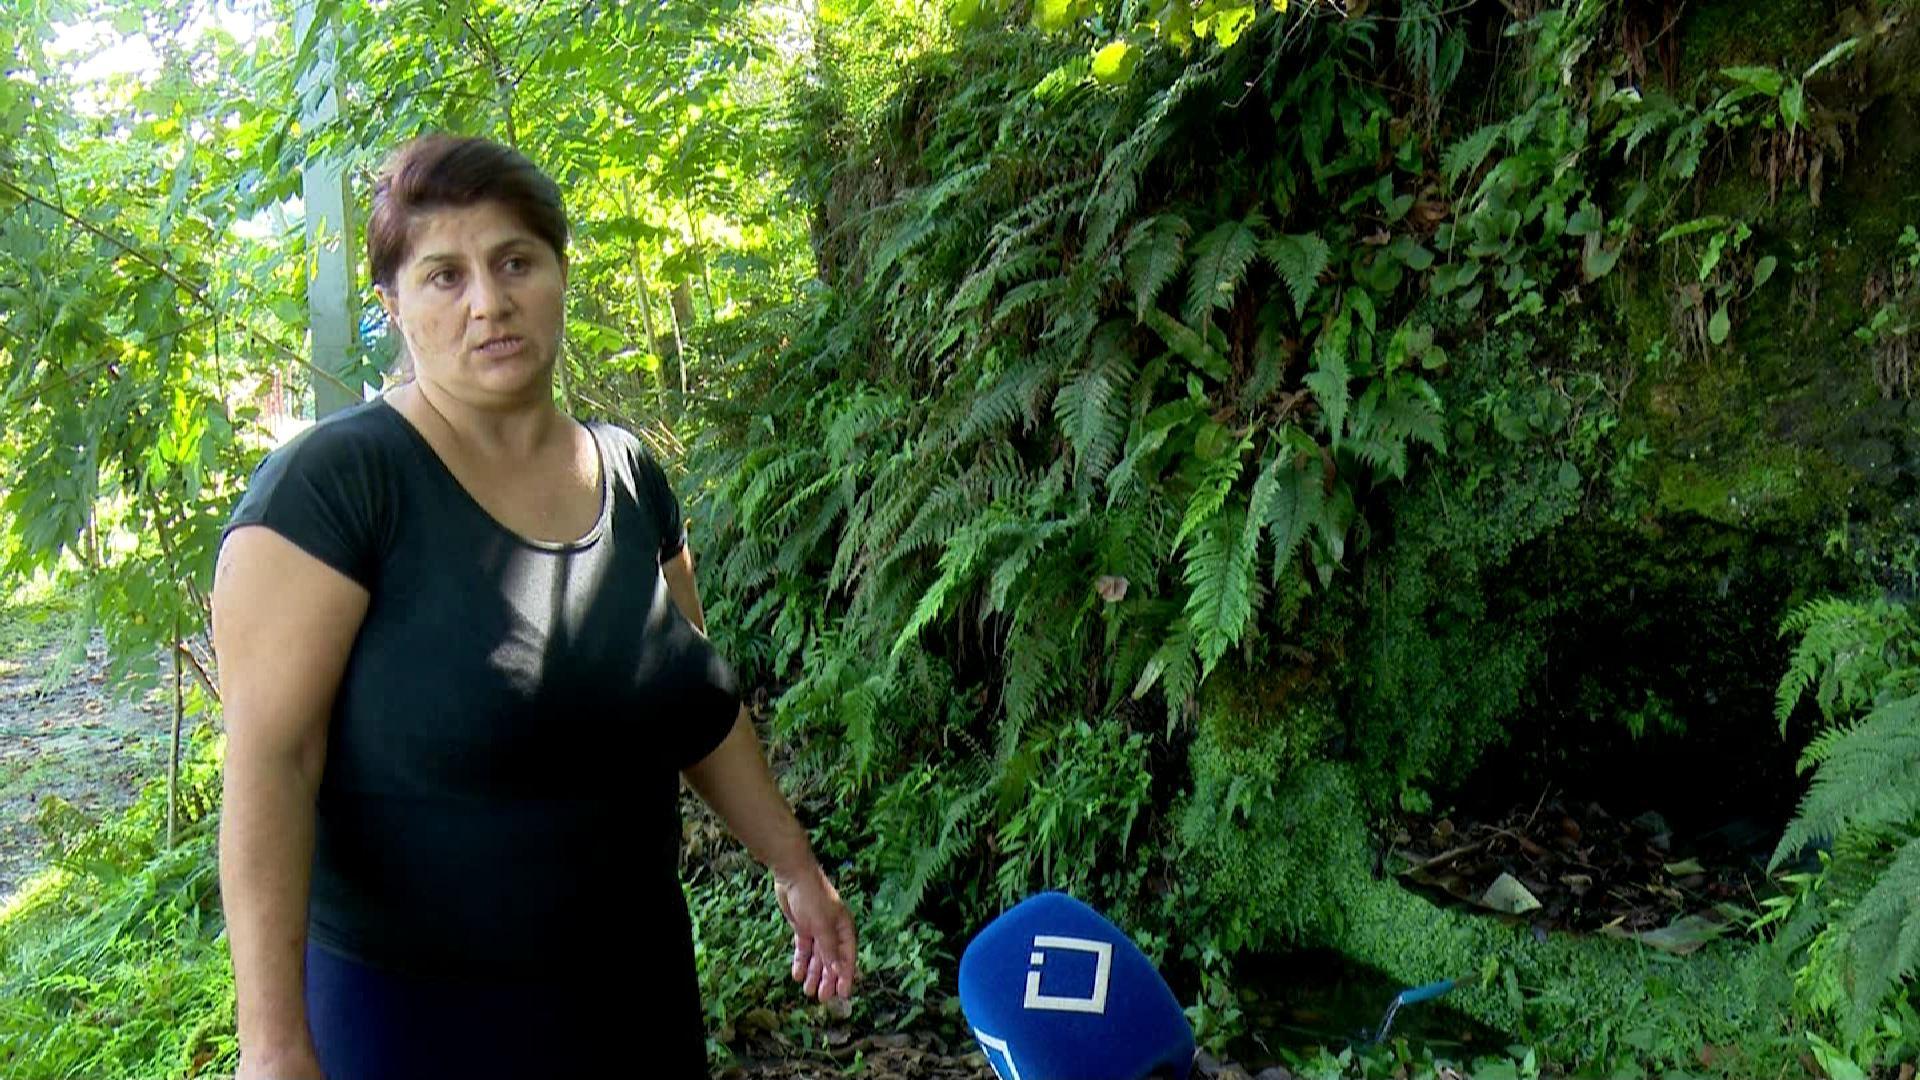 ჯიბინაურის მოსახლეობა სასმელი წყლის გარეშე